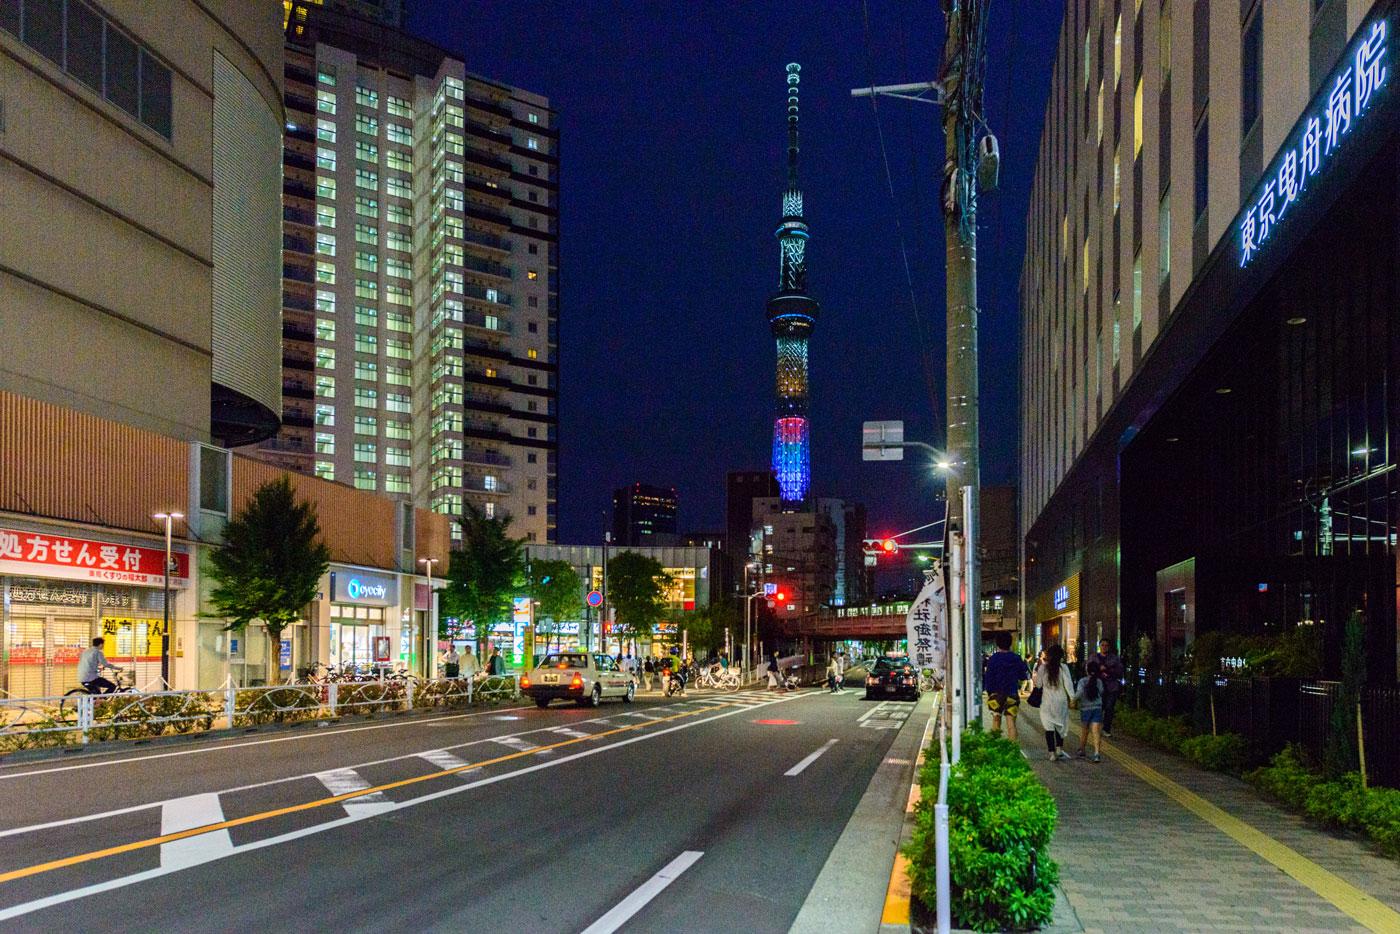 「曳舟」駅東口周辺の夜景